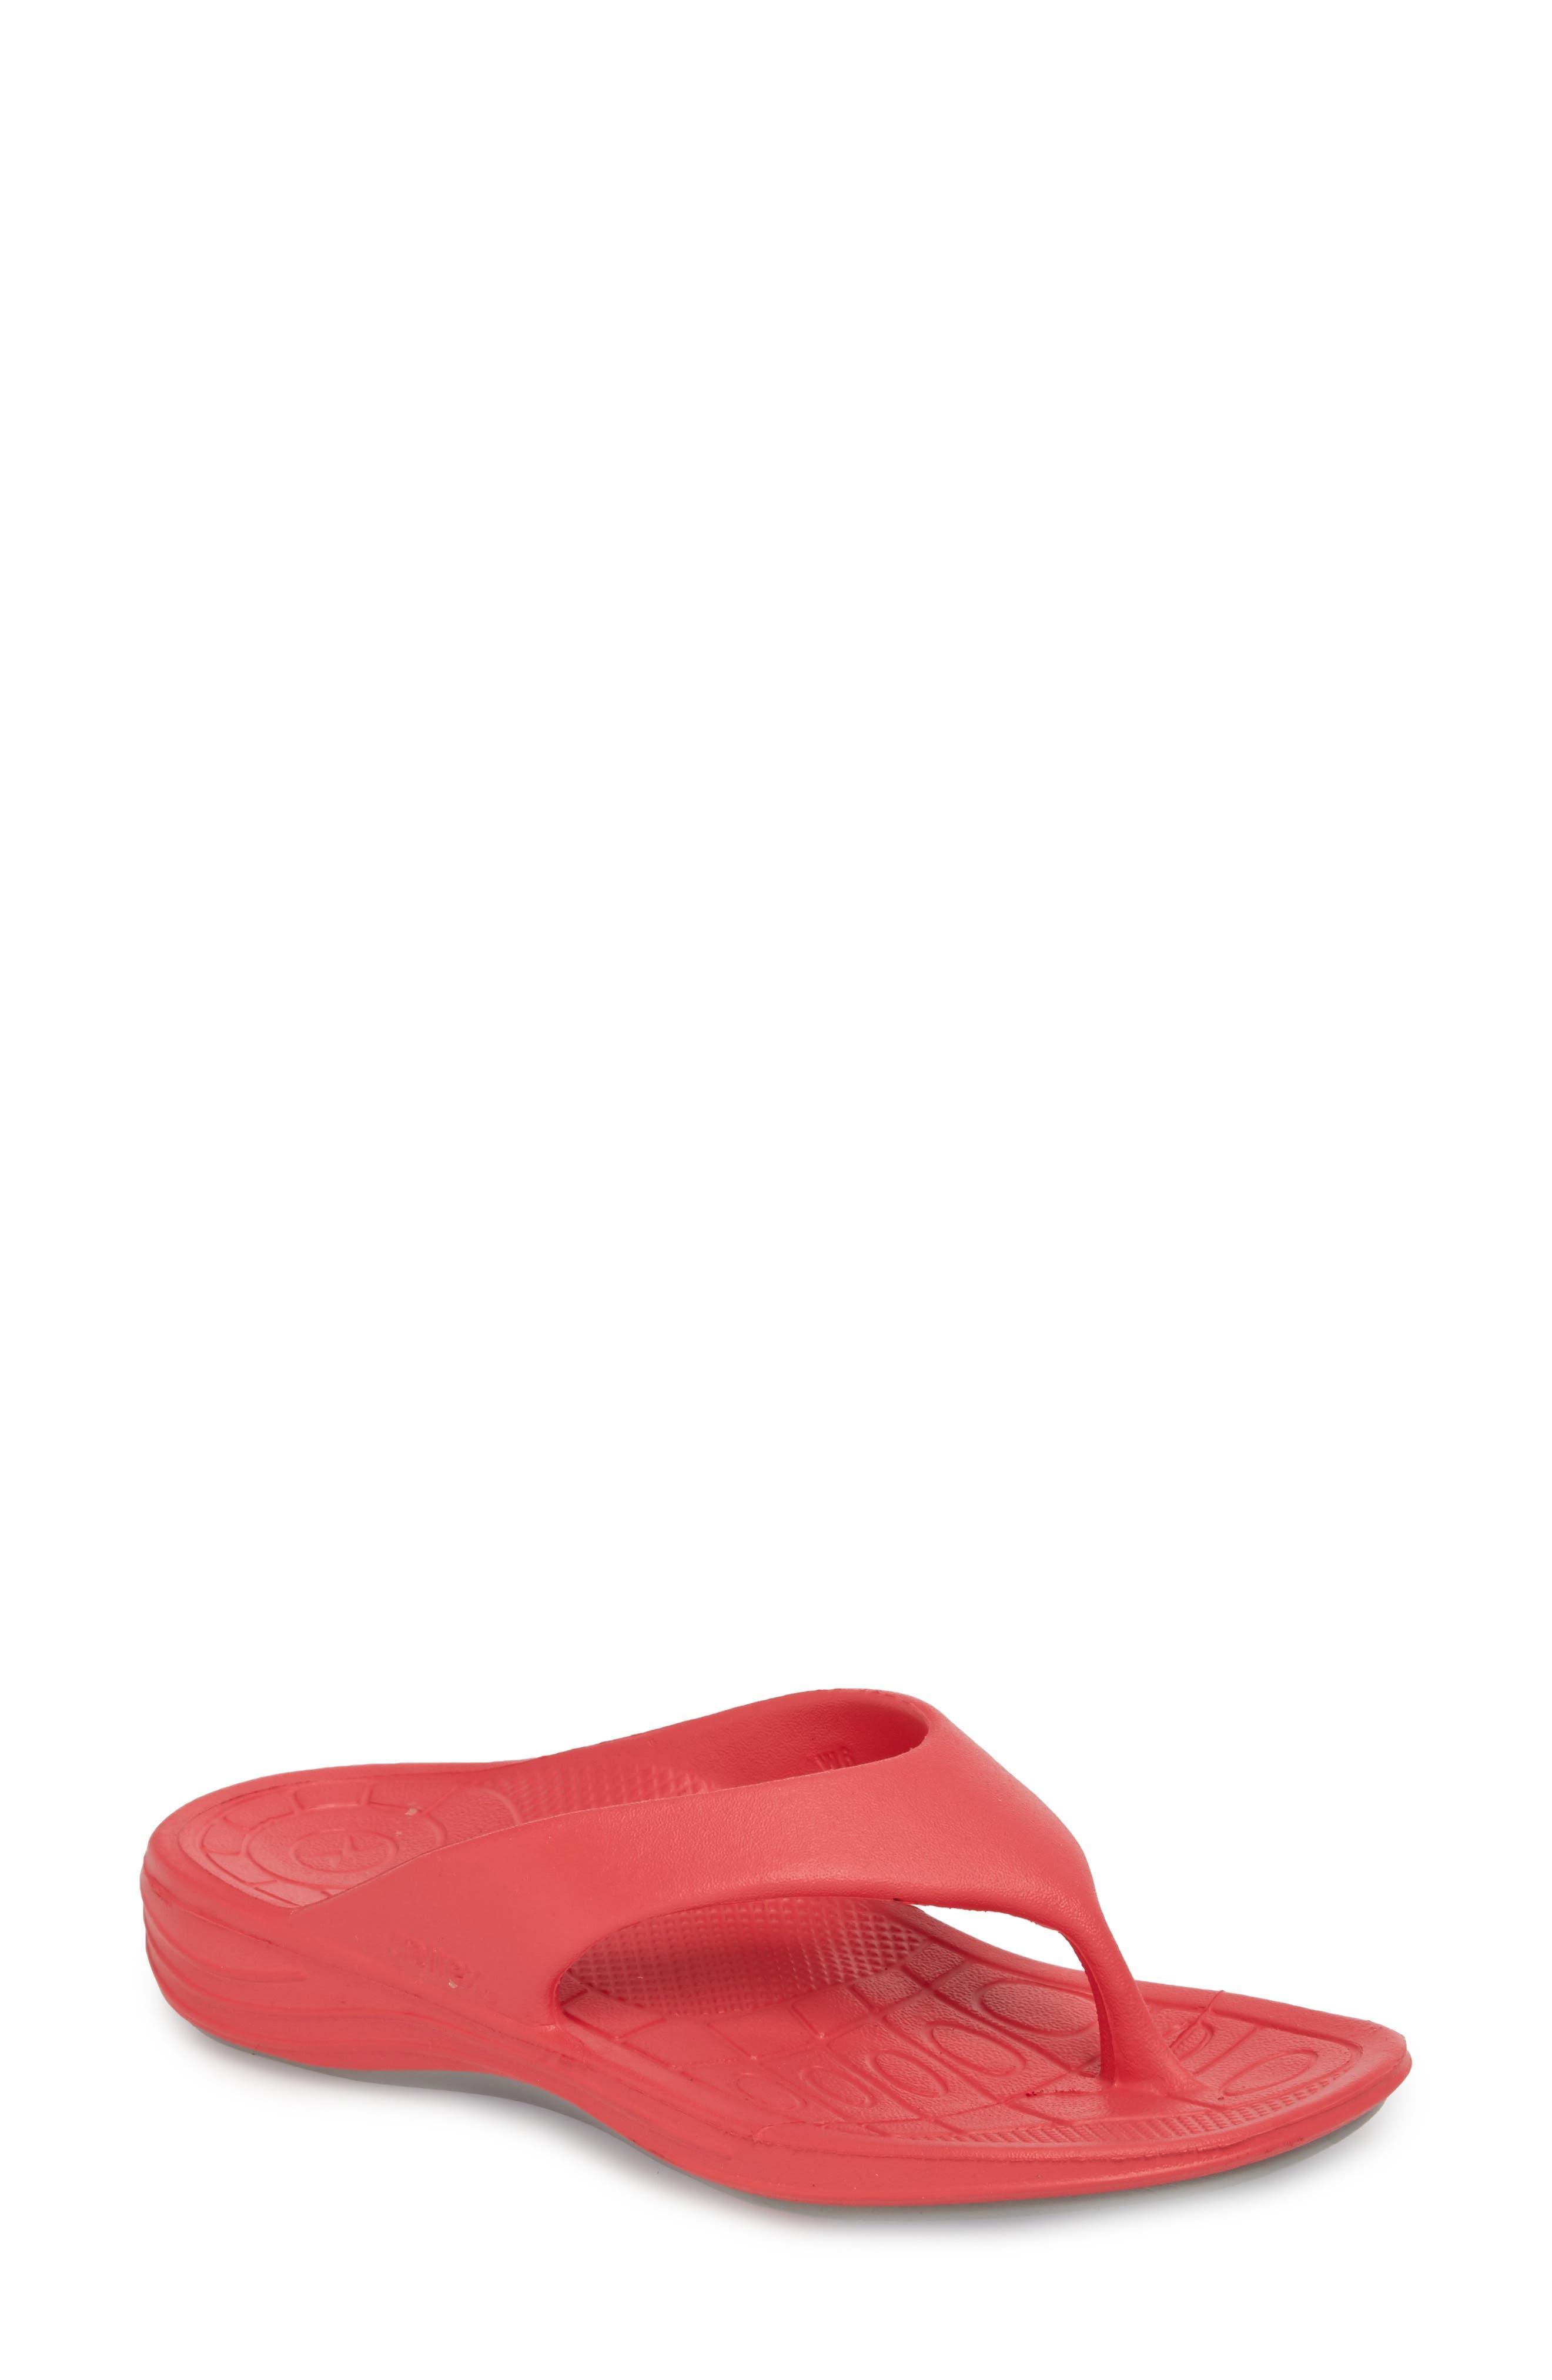 Aetrex Lynco Flip Flop, Pink